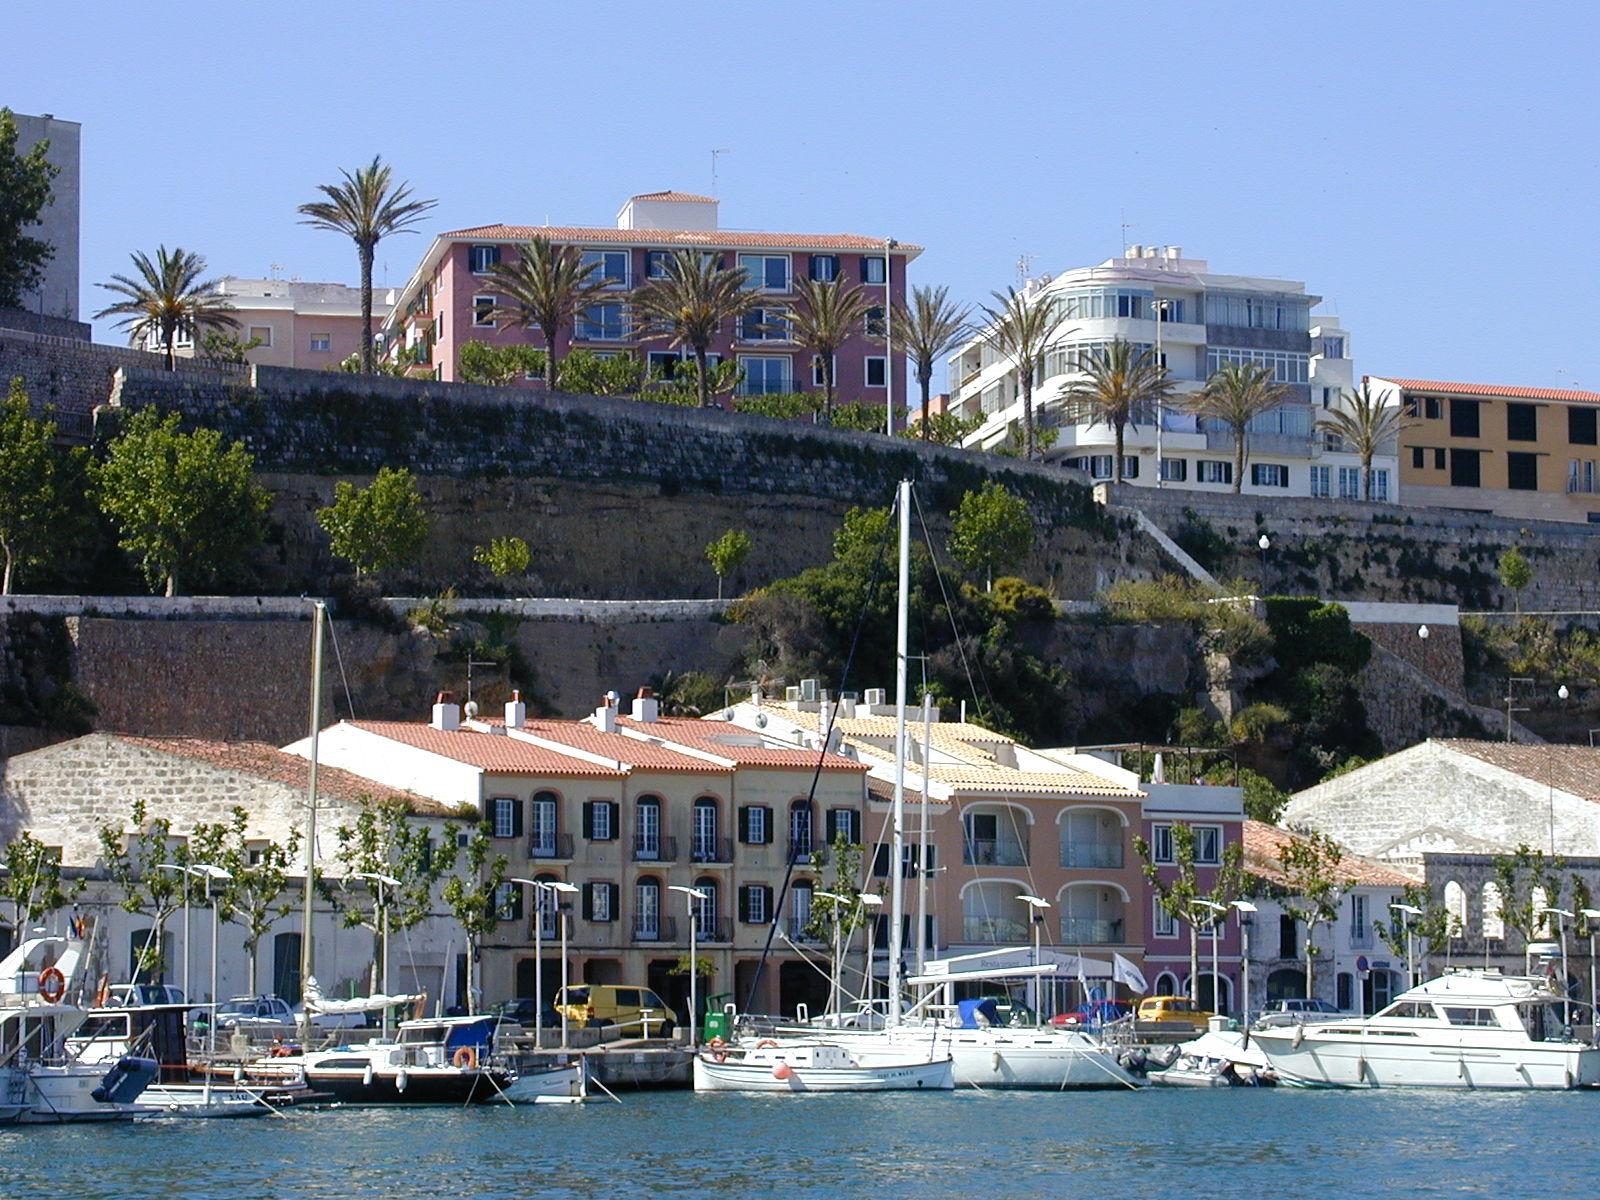 Noleggio Barche Mahòn – Isola di Minorca - Navalia | Noleggia un Sogno